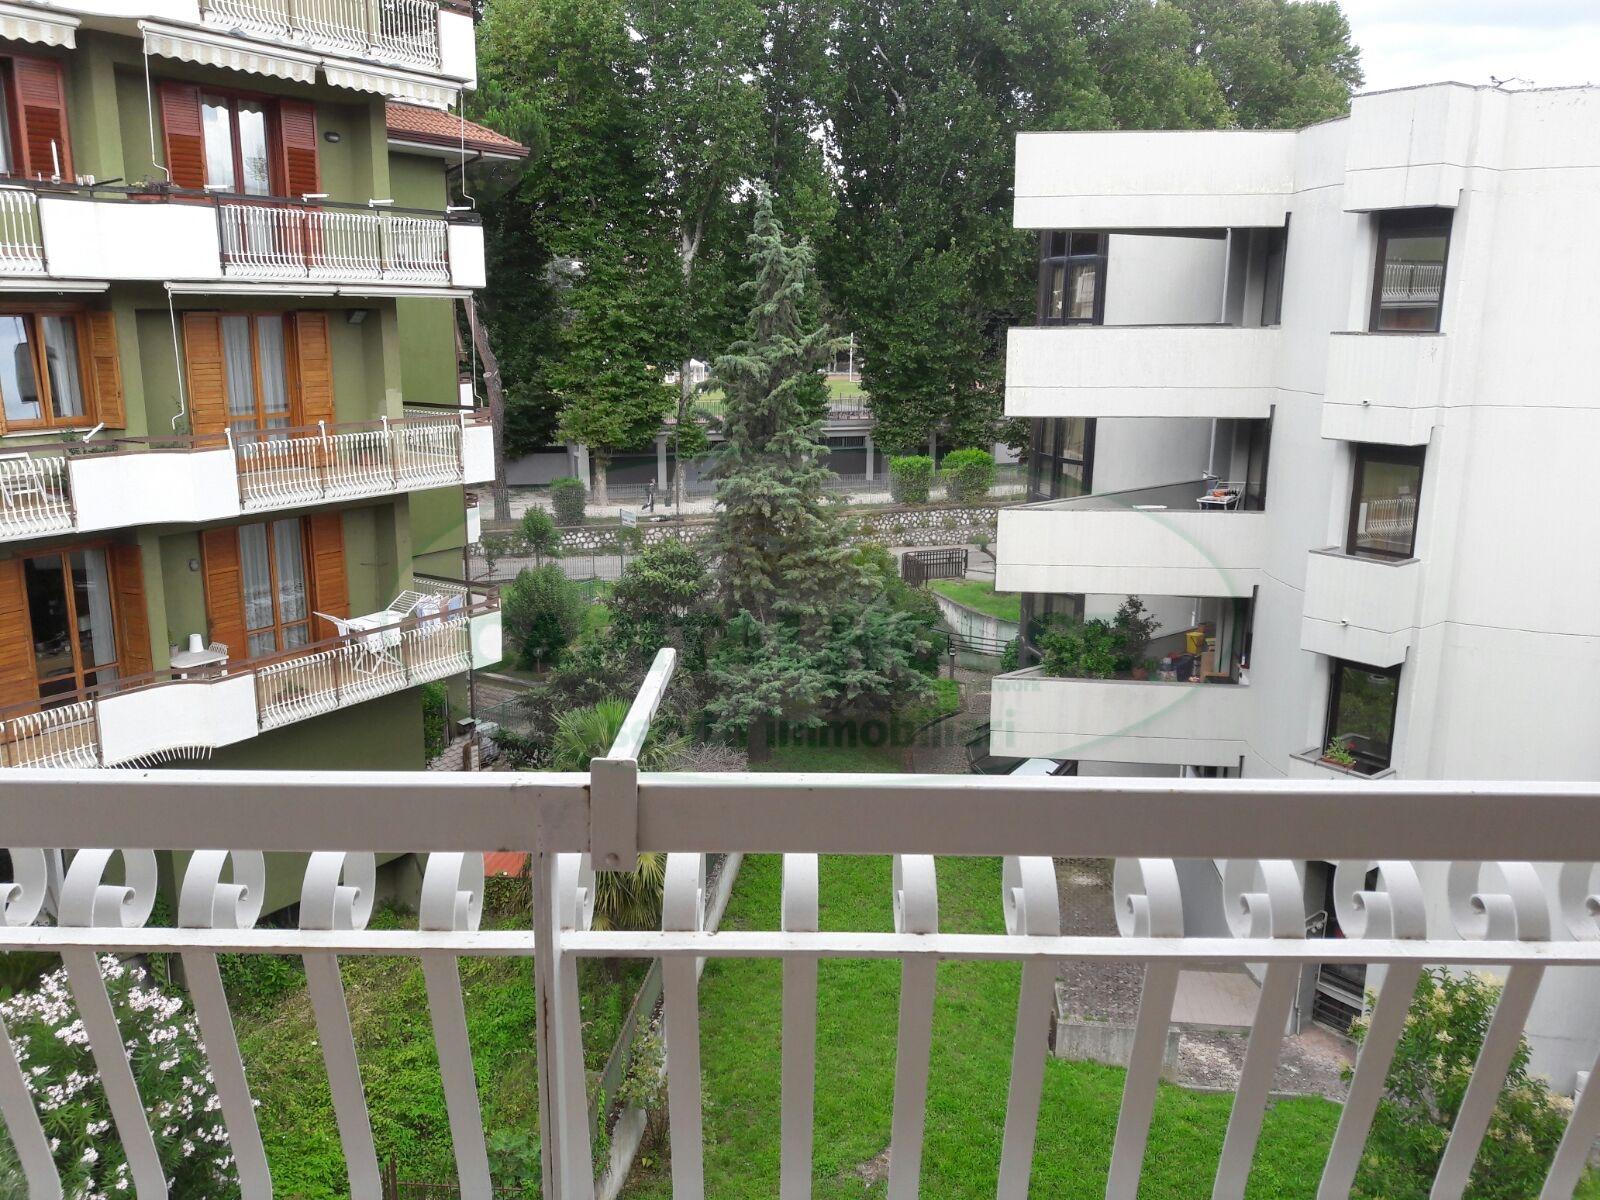 8100 appartamento in affitto a avellino contrada for Case affitto avellino arredate